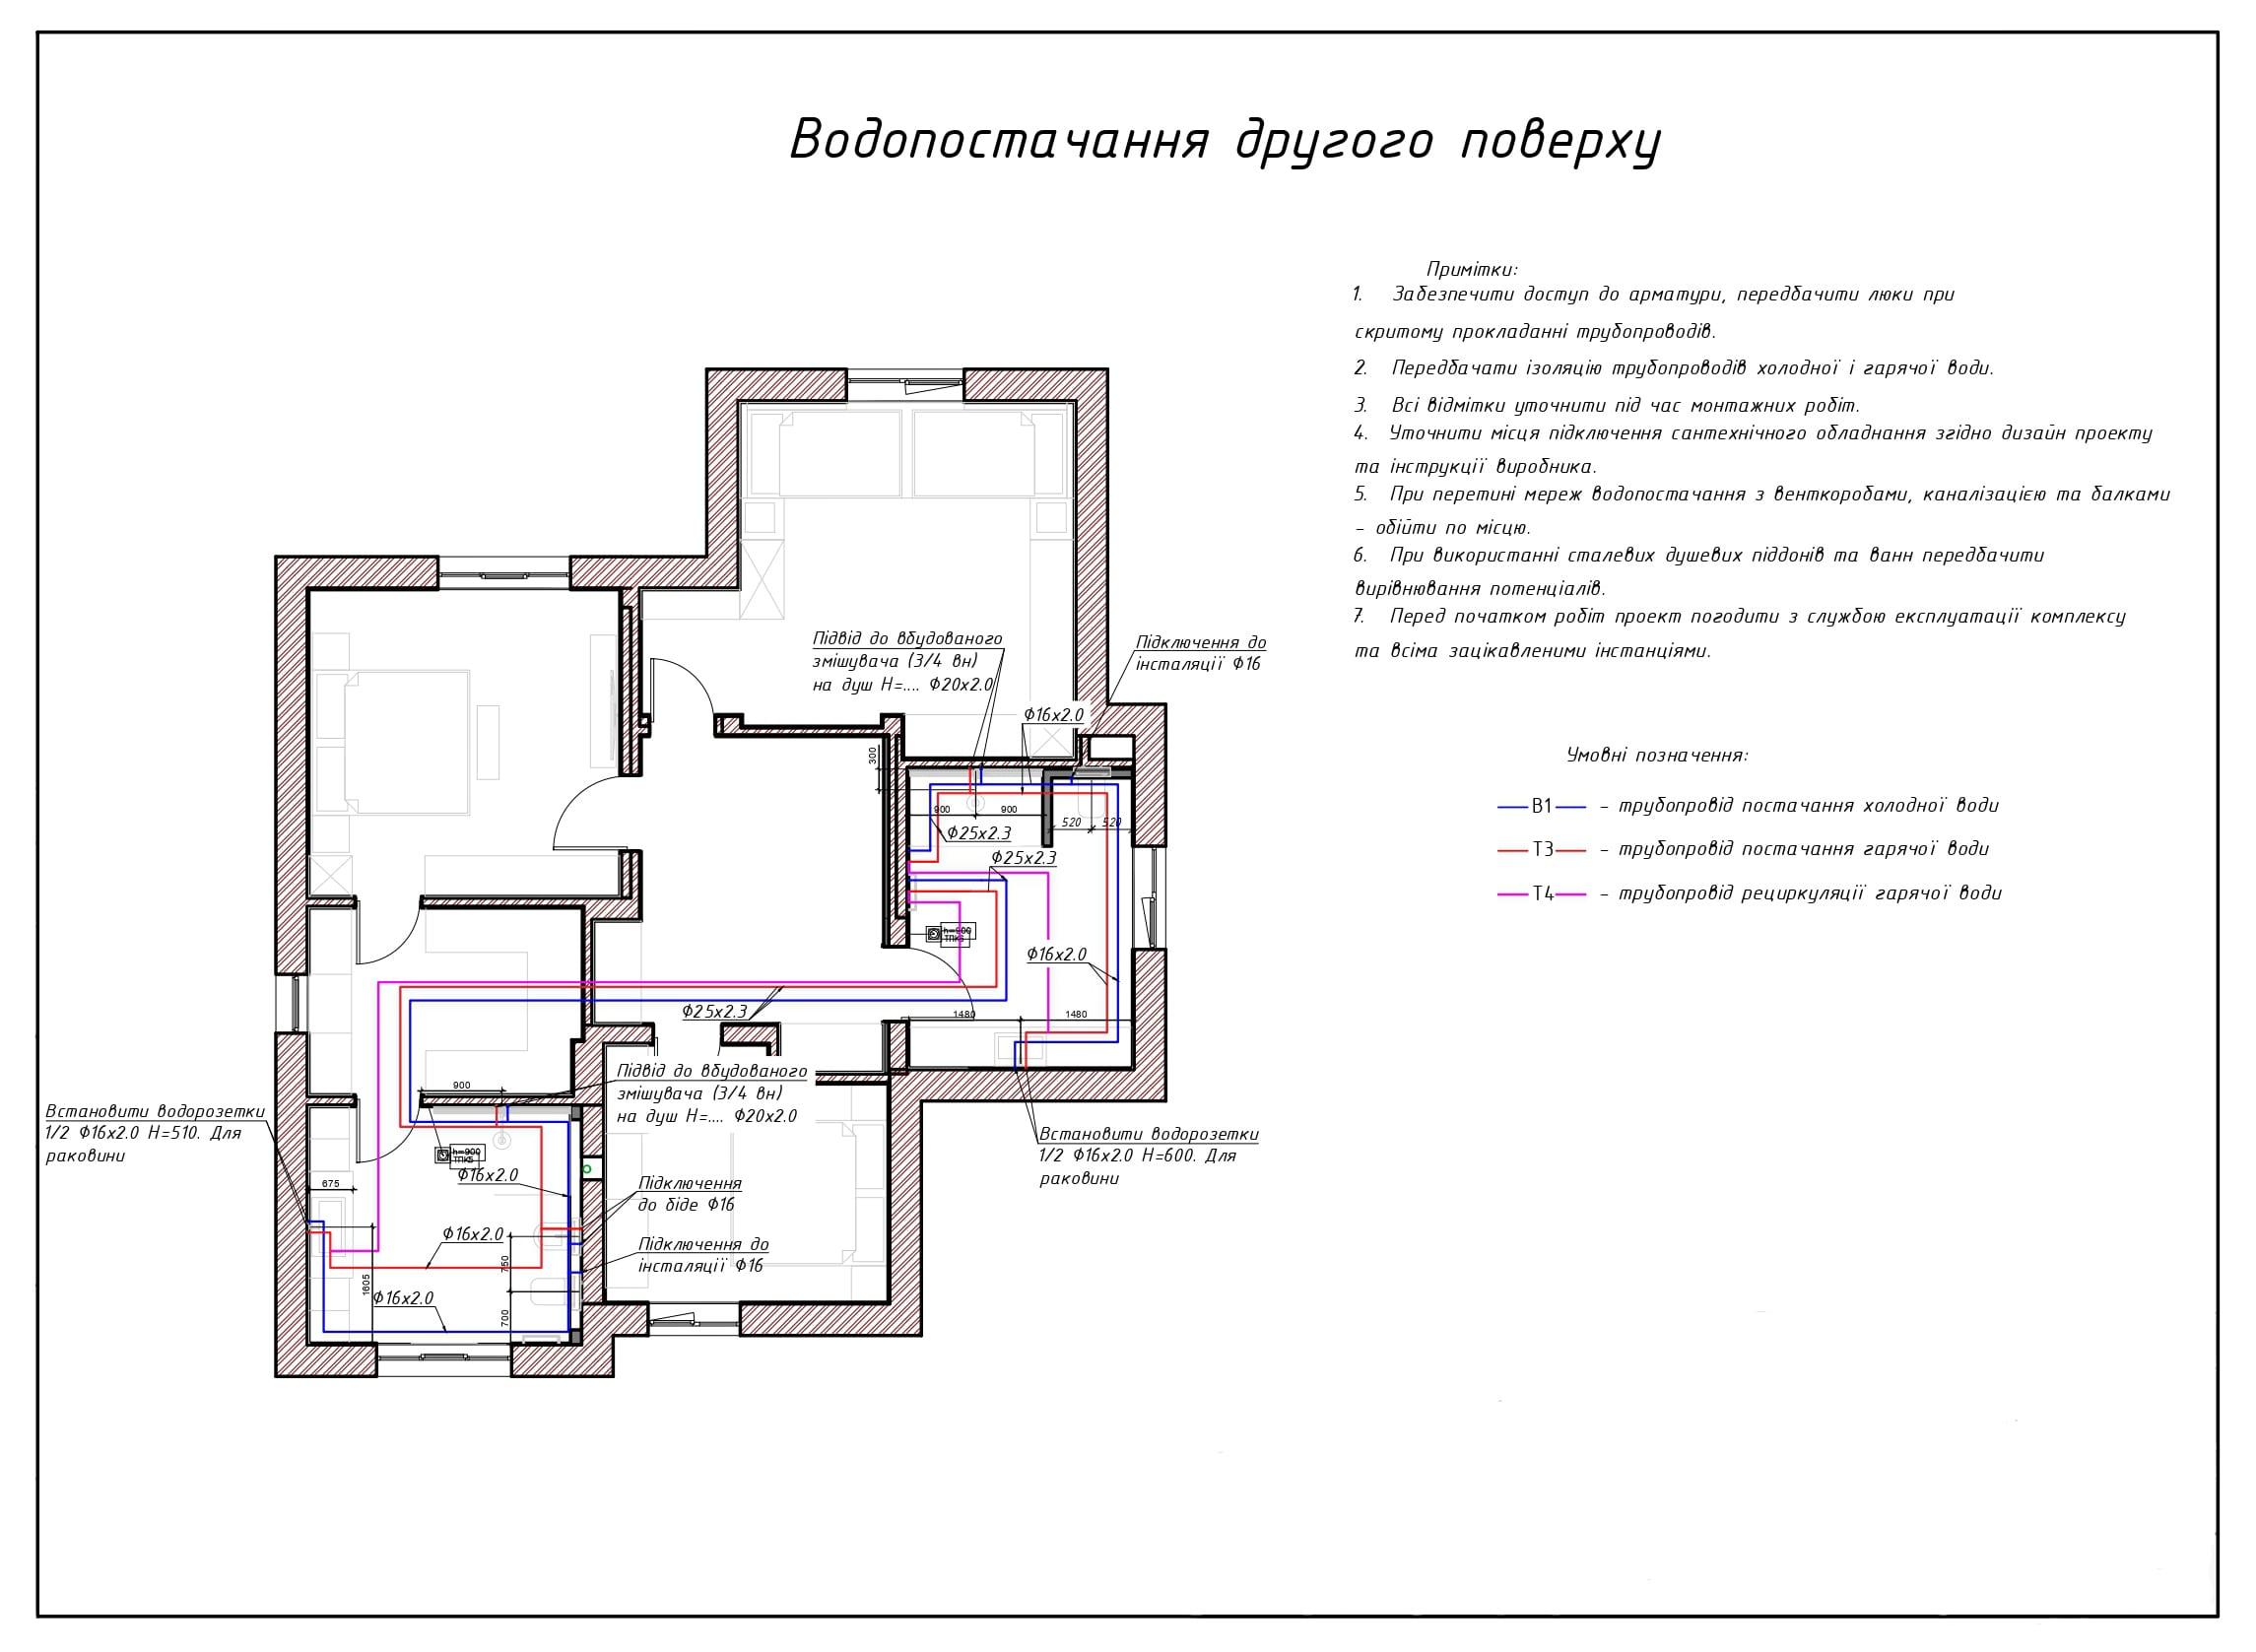 Приклад проєктування водопостачання на 2 поверсі приватного будинку